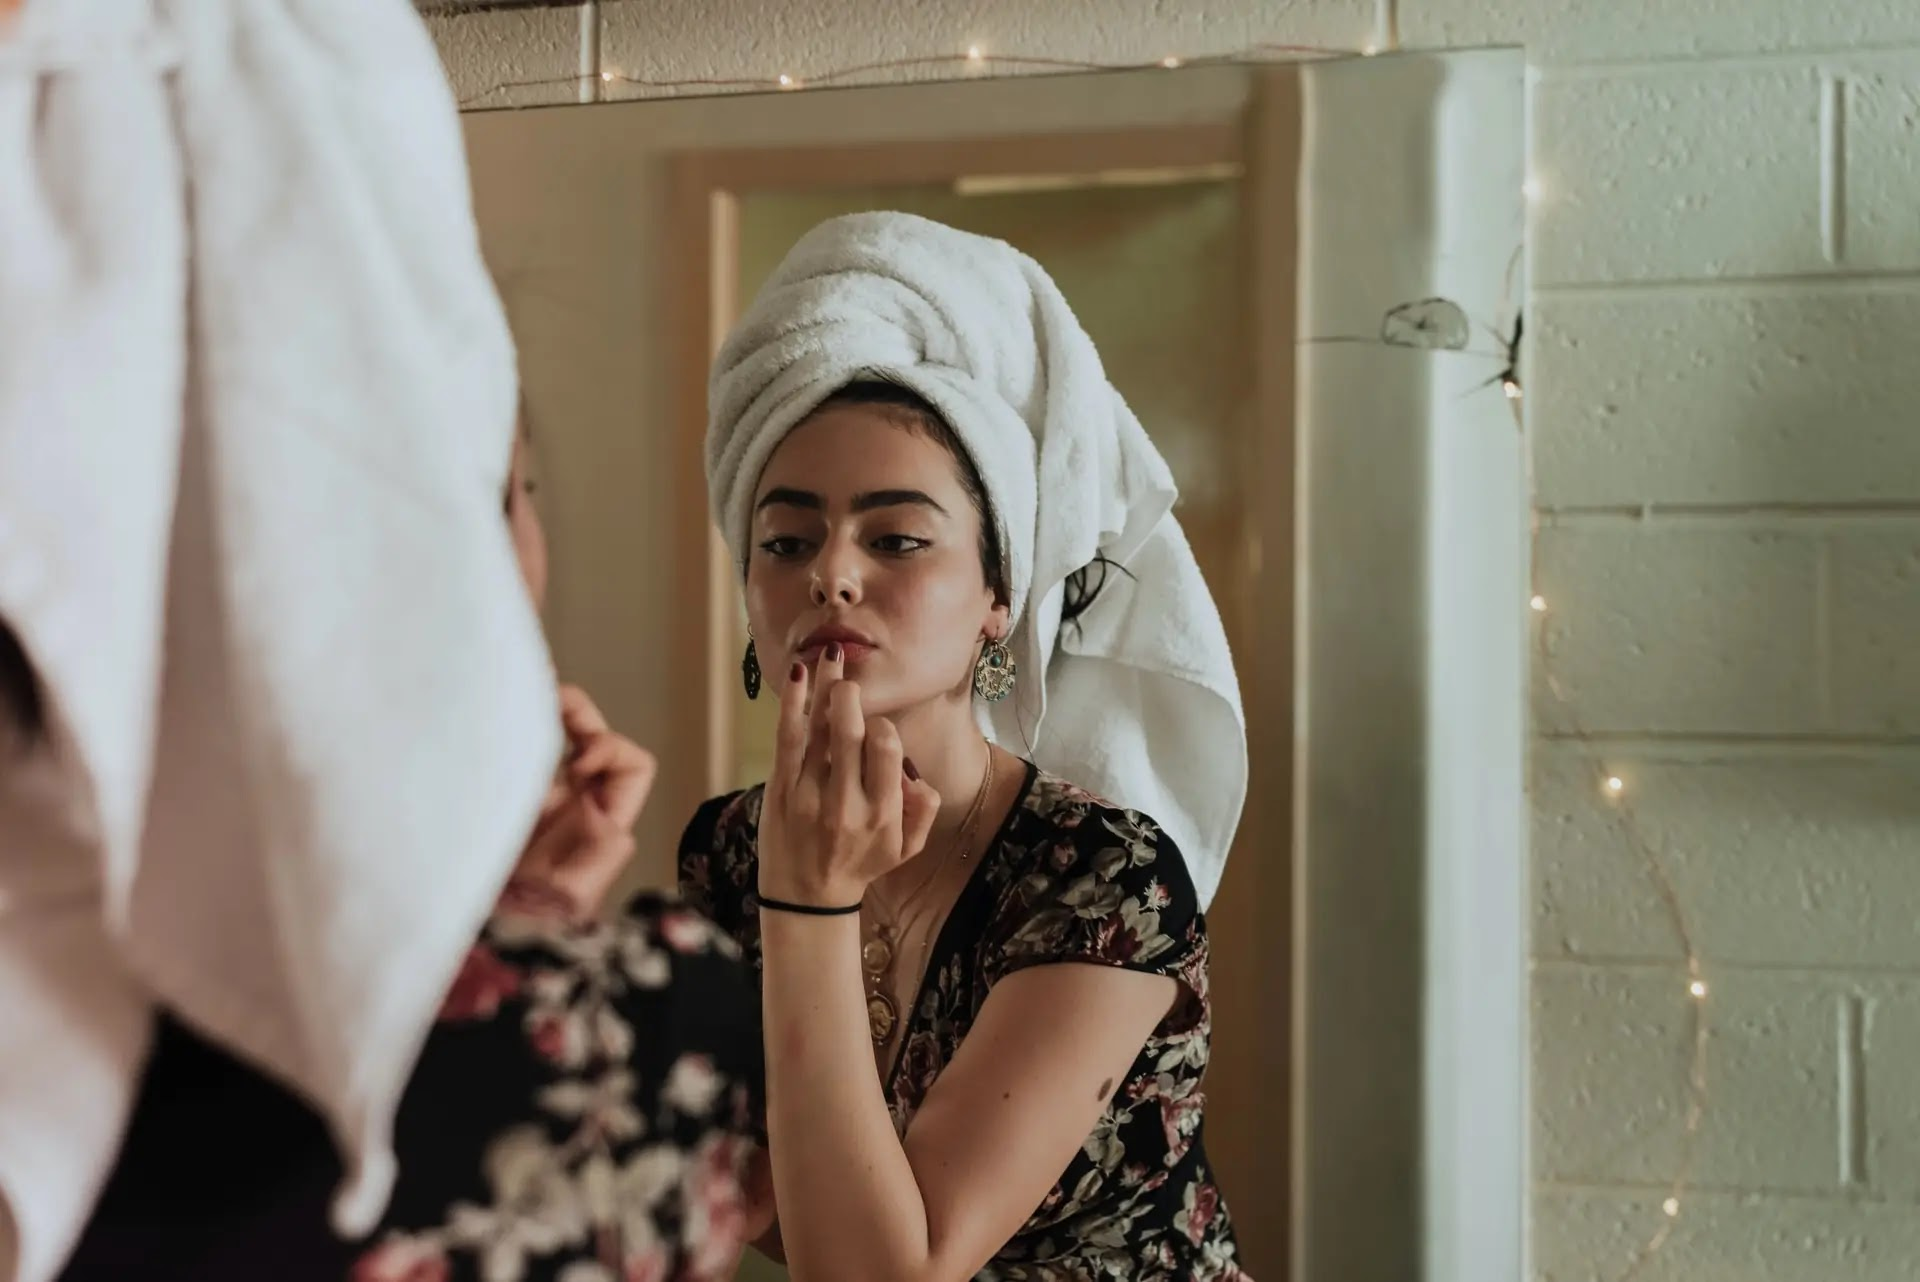 aprende ingles chica joven se da brillo de labios frente al espejo